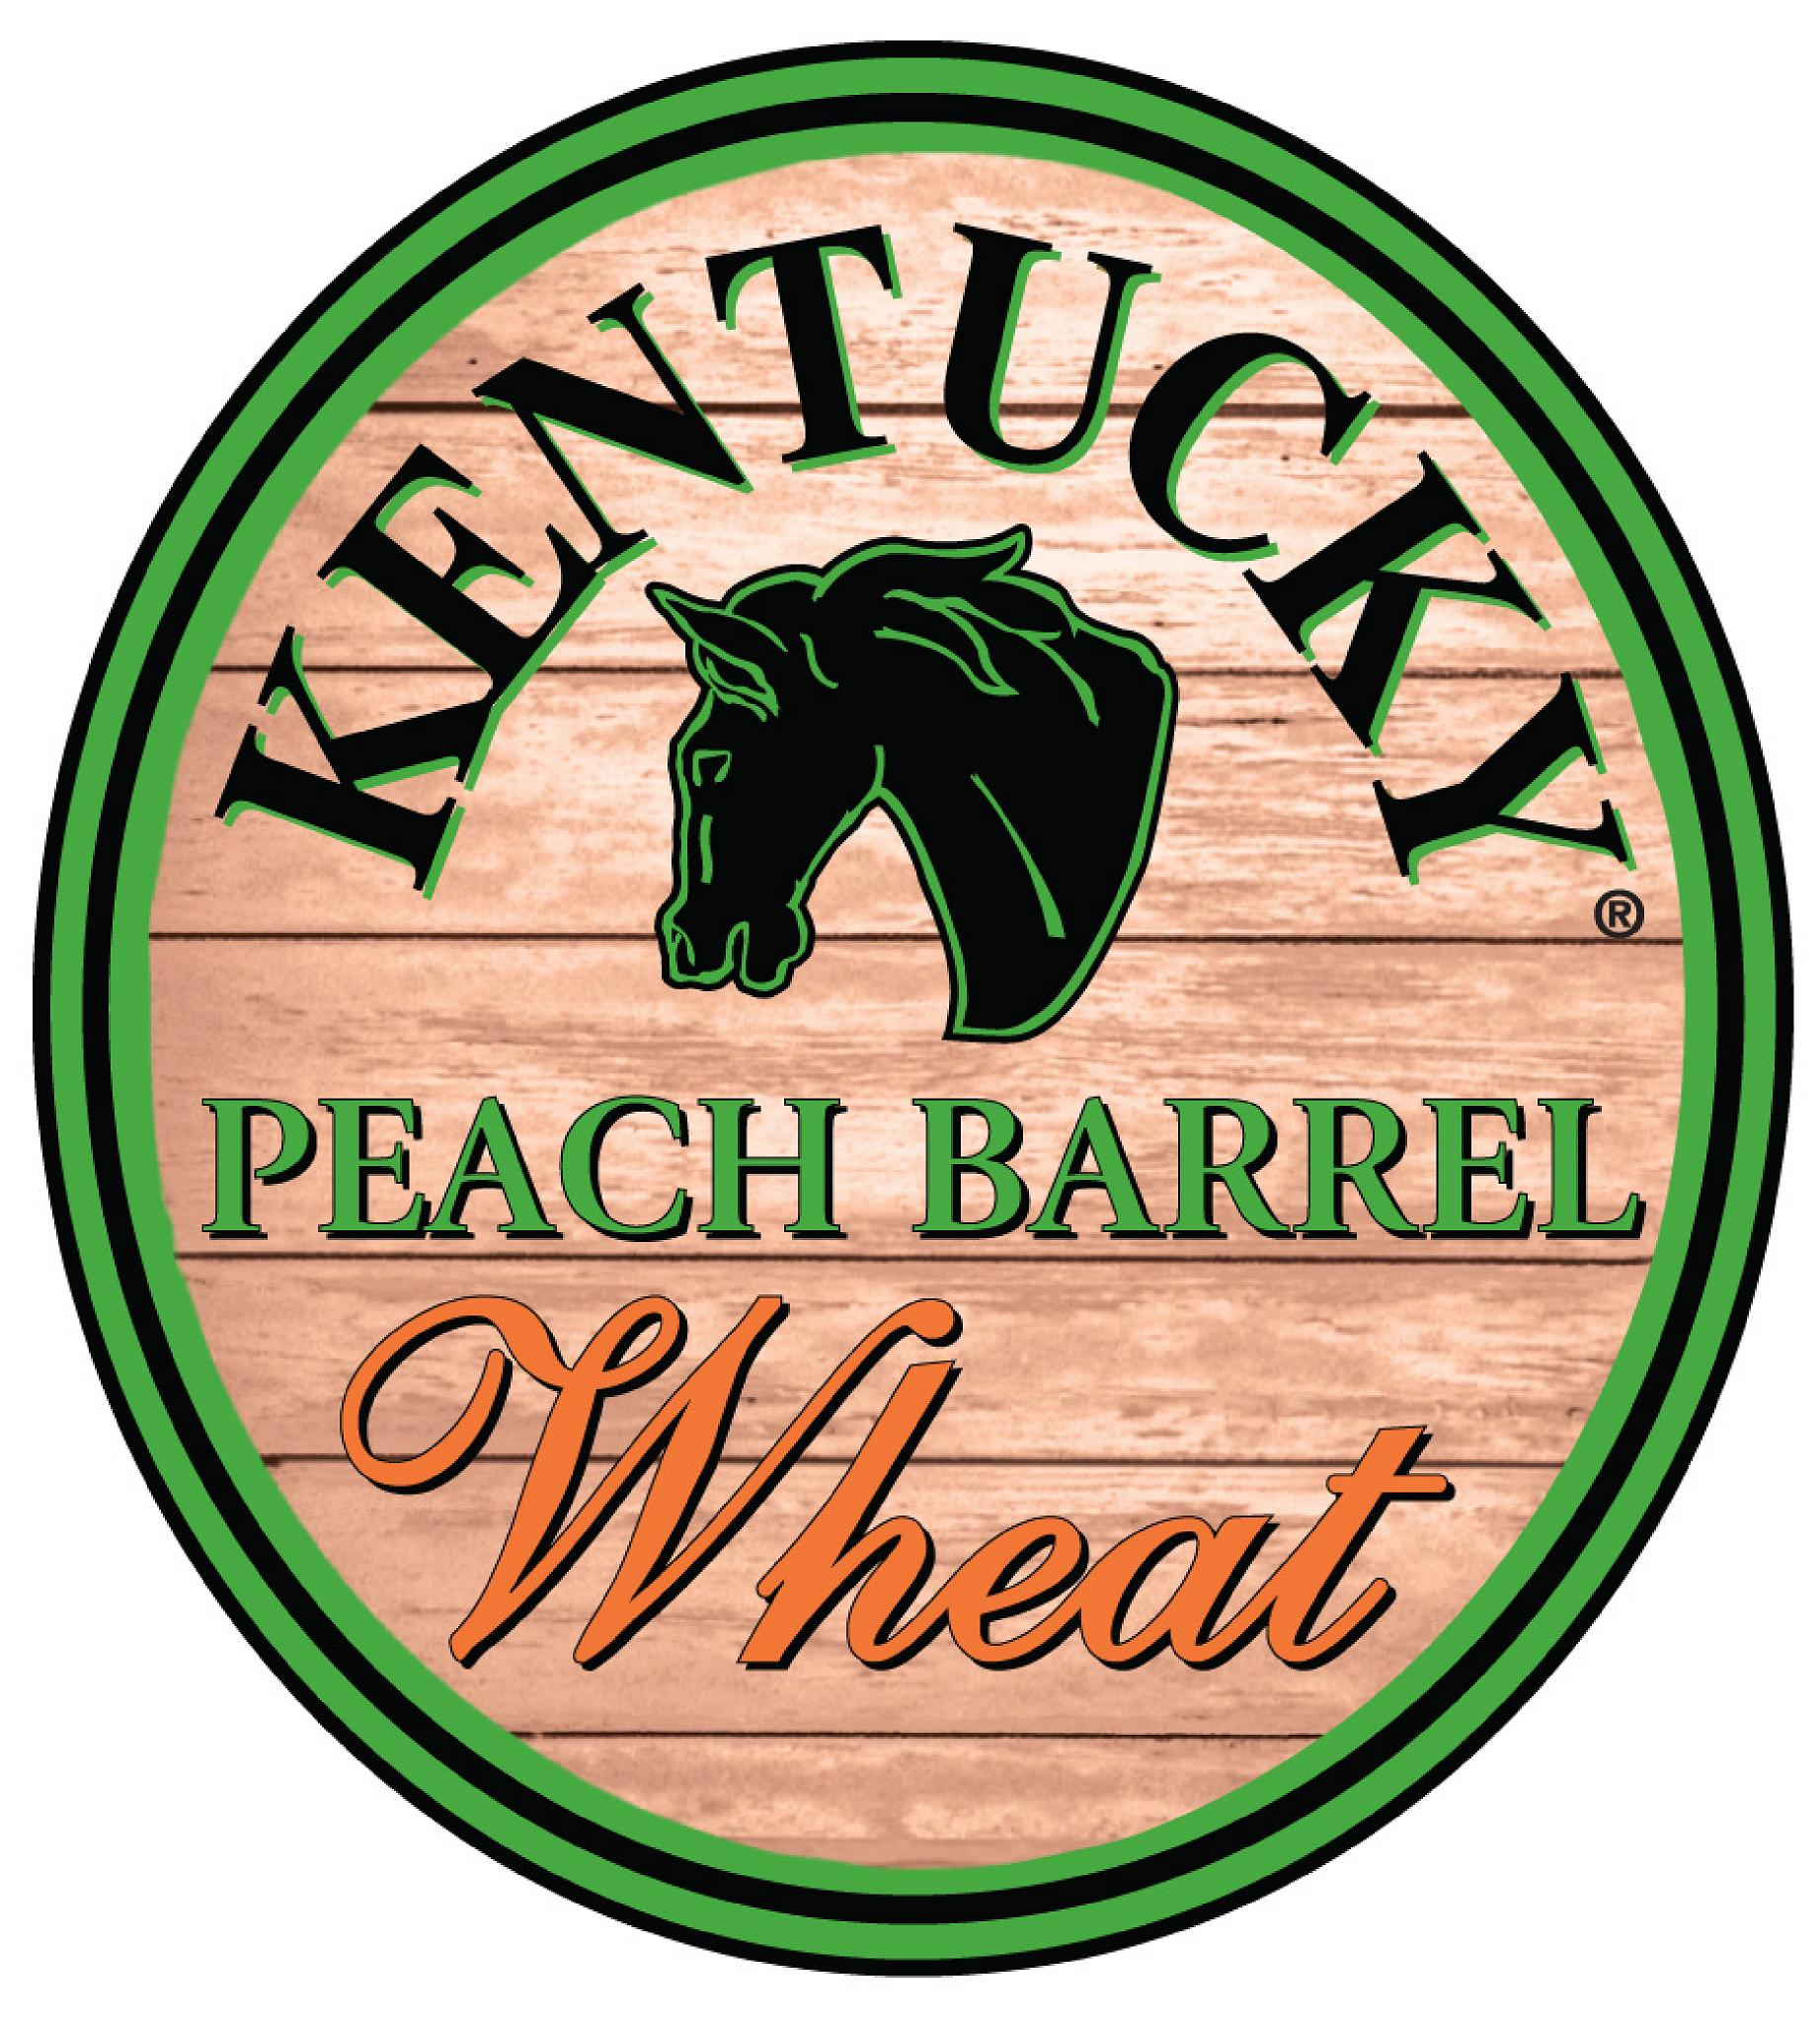 Ky Peach Barrel Wheat